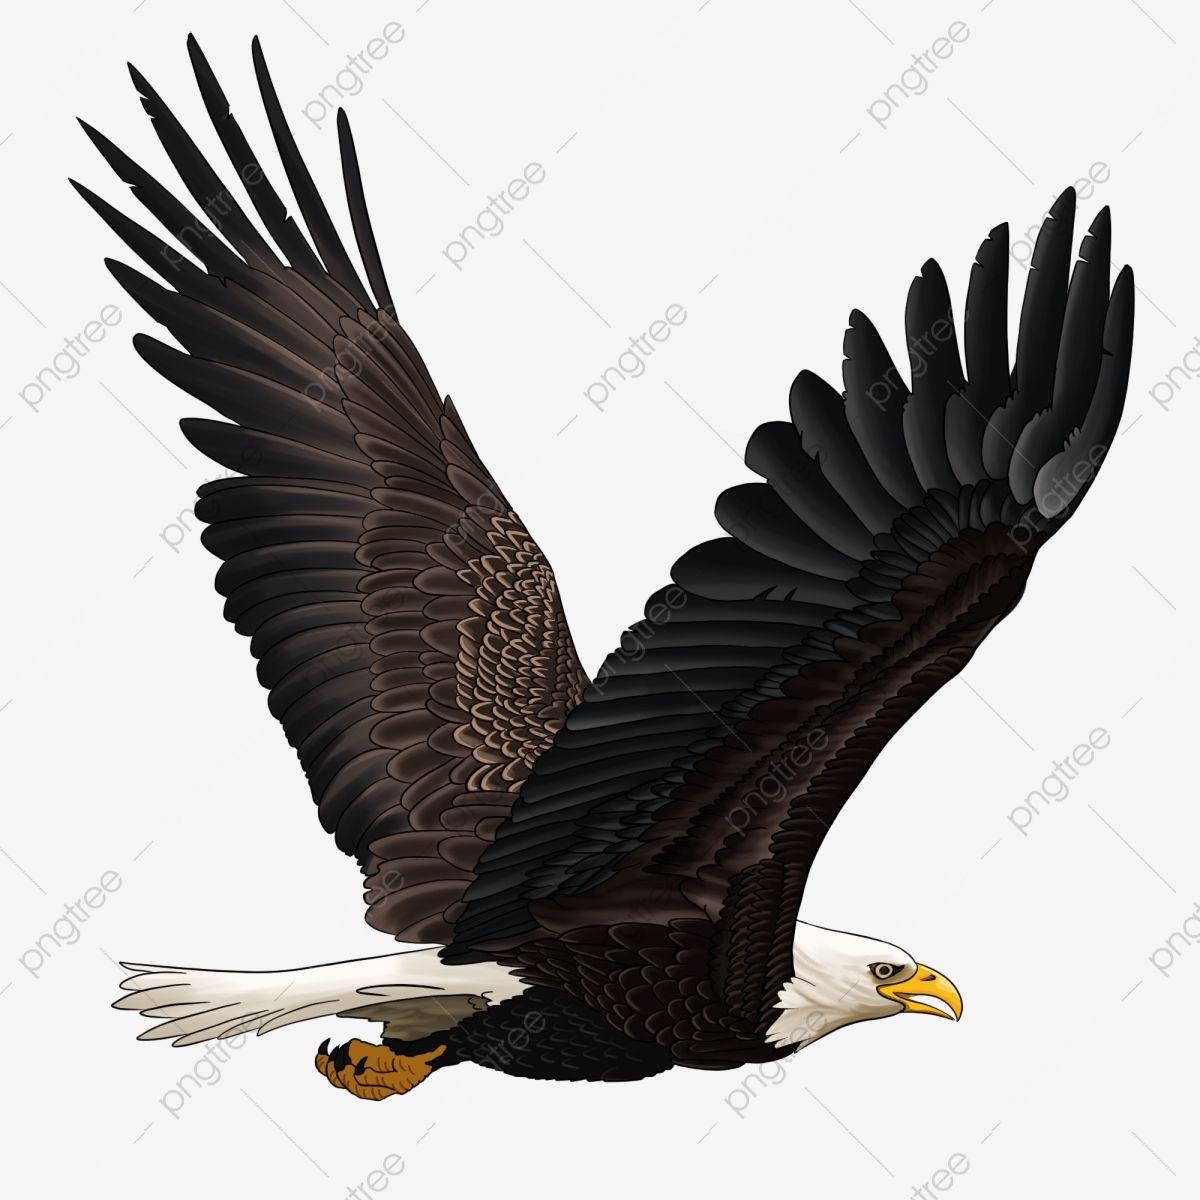 Gambar Gambar Elang Bersayap Elang Gratis Png Bahan Lapisan Transparan Clipart Sayap Gambar Elang Daquan Gambaran Besar Gambar Sayap Elang Mendominasi Png Tr In 2021 Eagle Pictures Eagle Wings Photography Logo Hd